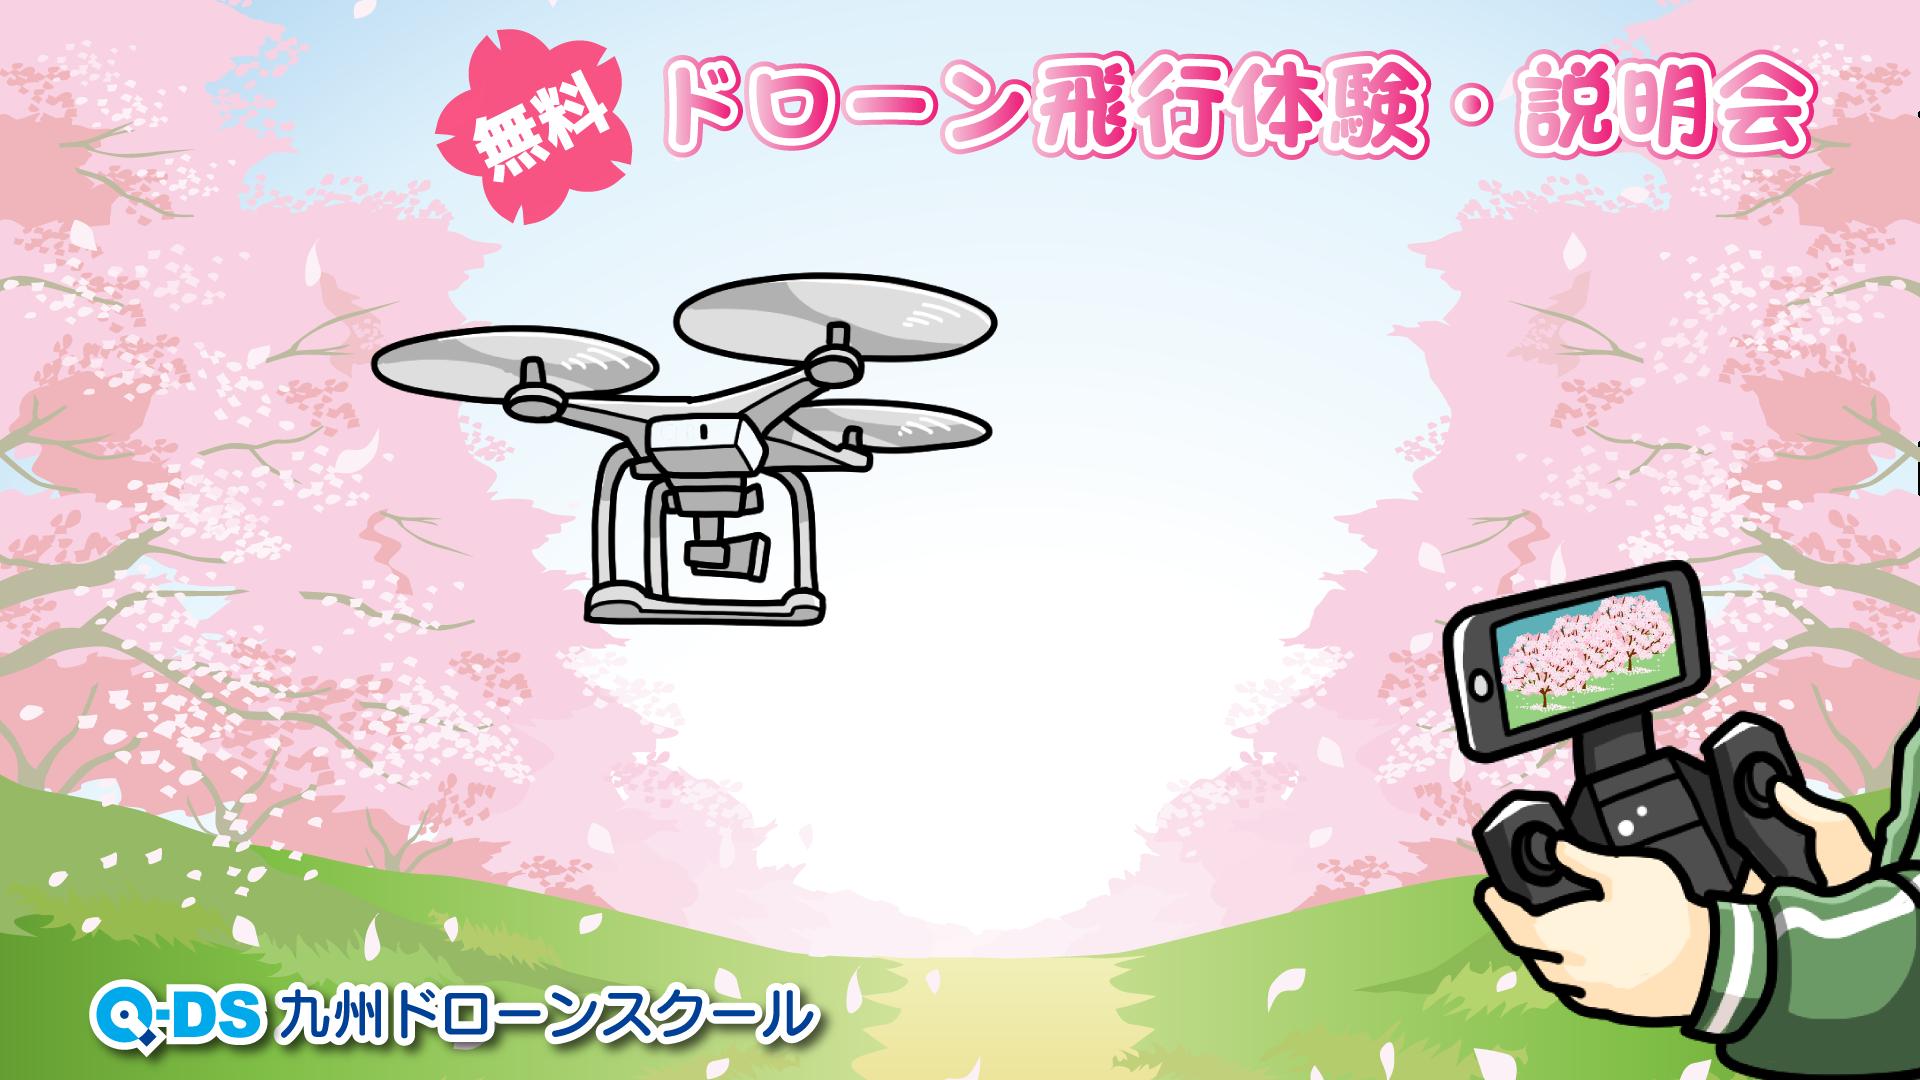 2021年4月熊本市で無料ドローン体験会